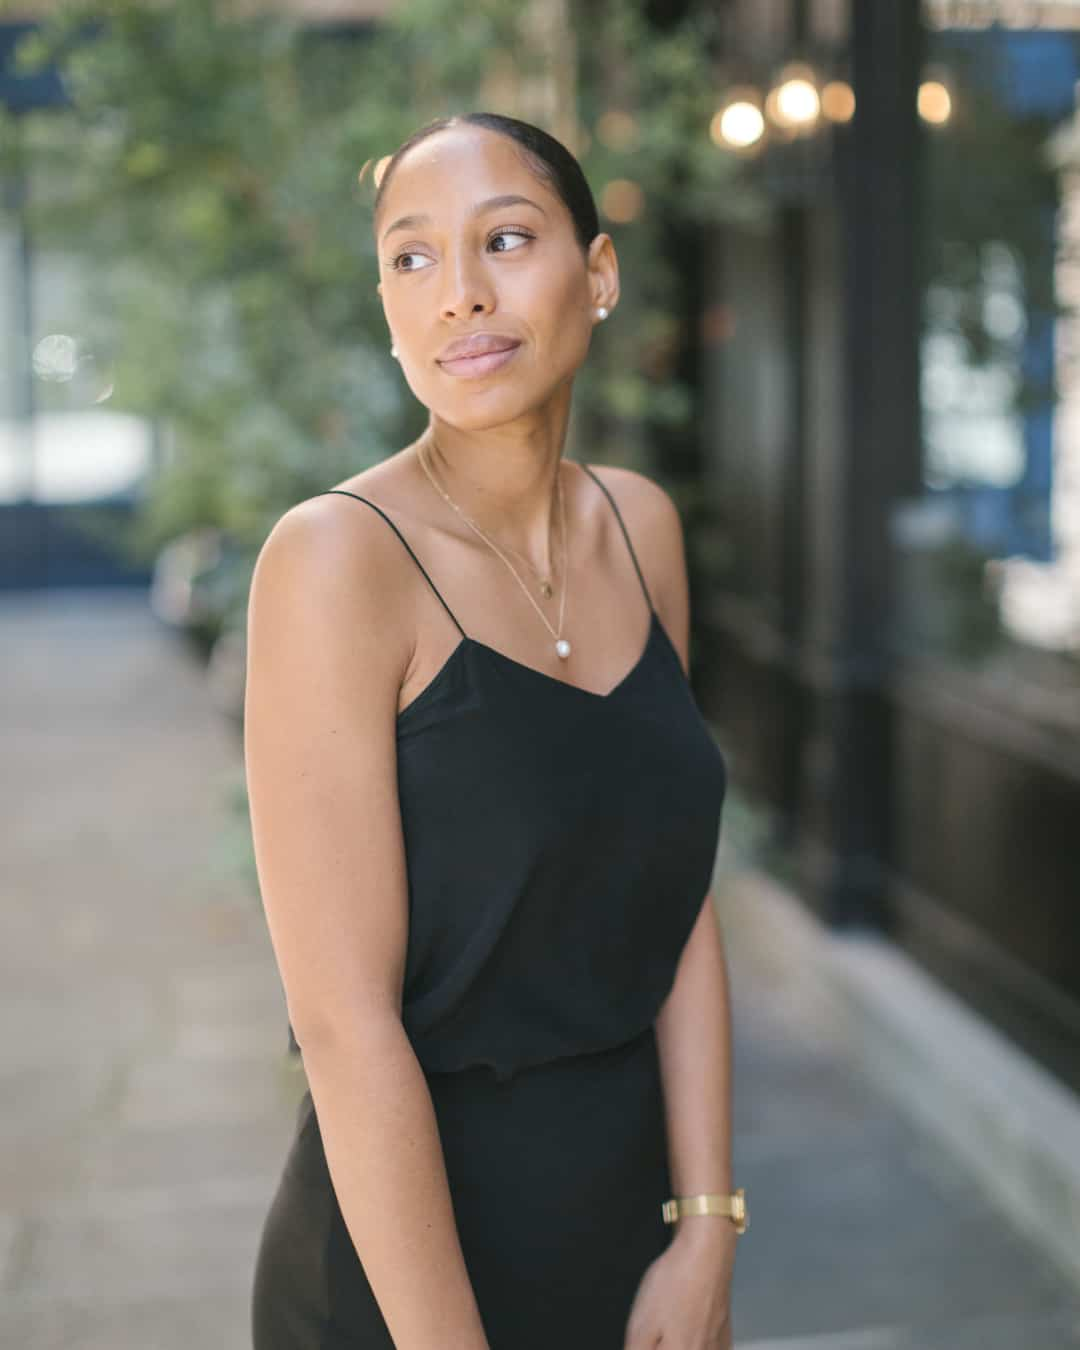 Coach En Image, Amanda Saurin, conseil en image, agence de conseil en image, conseil en image paris, relooking